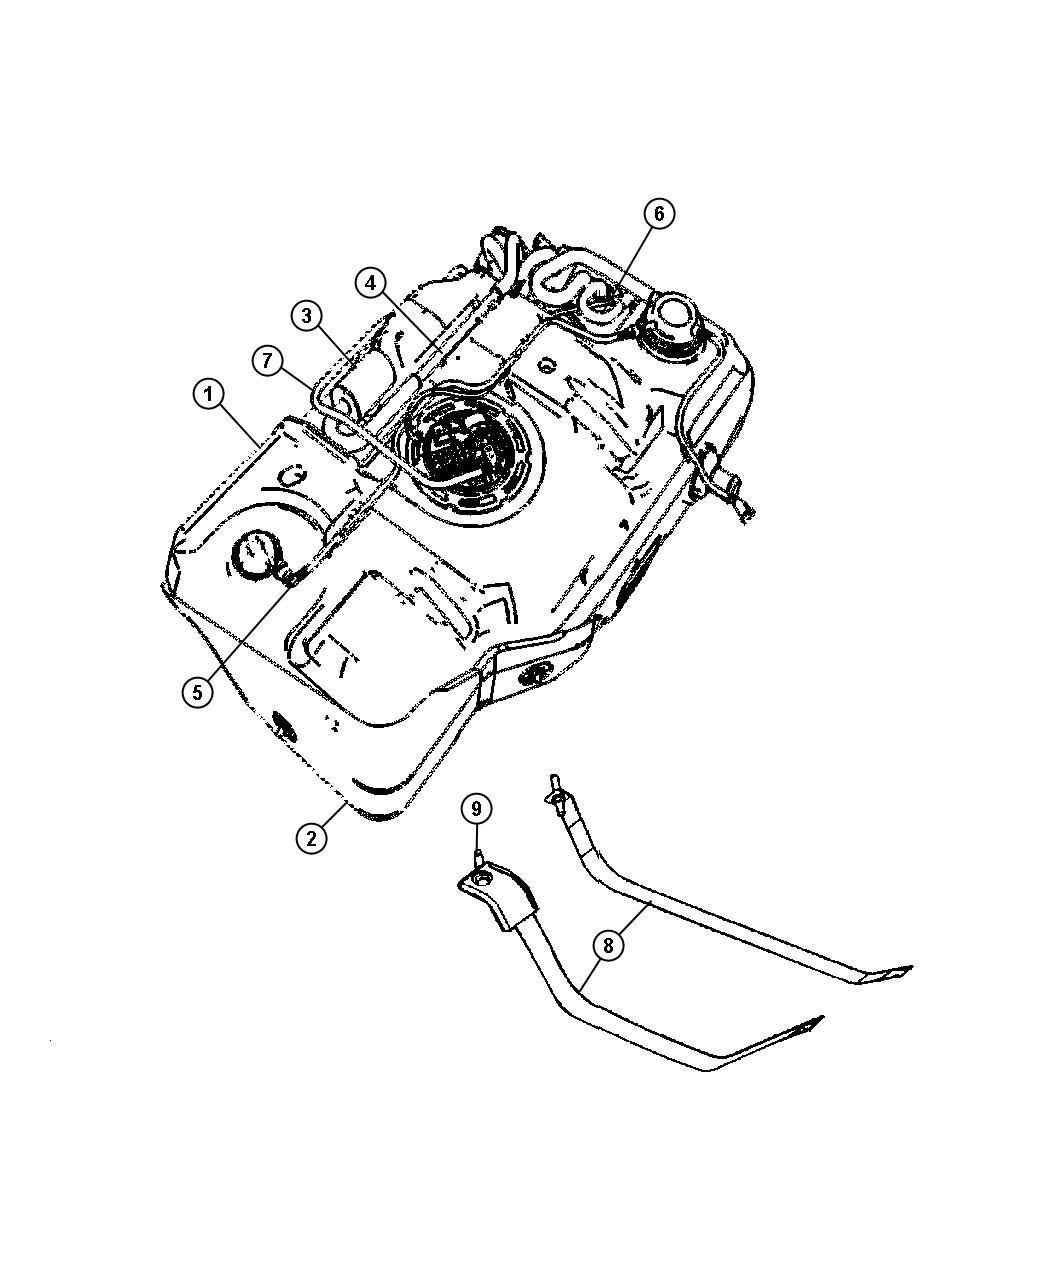 2008 Chrysler Pt Cruiser BASE 2.4L 4 Cyl A/T Filter. Leak